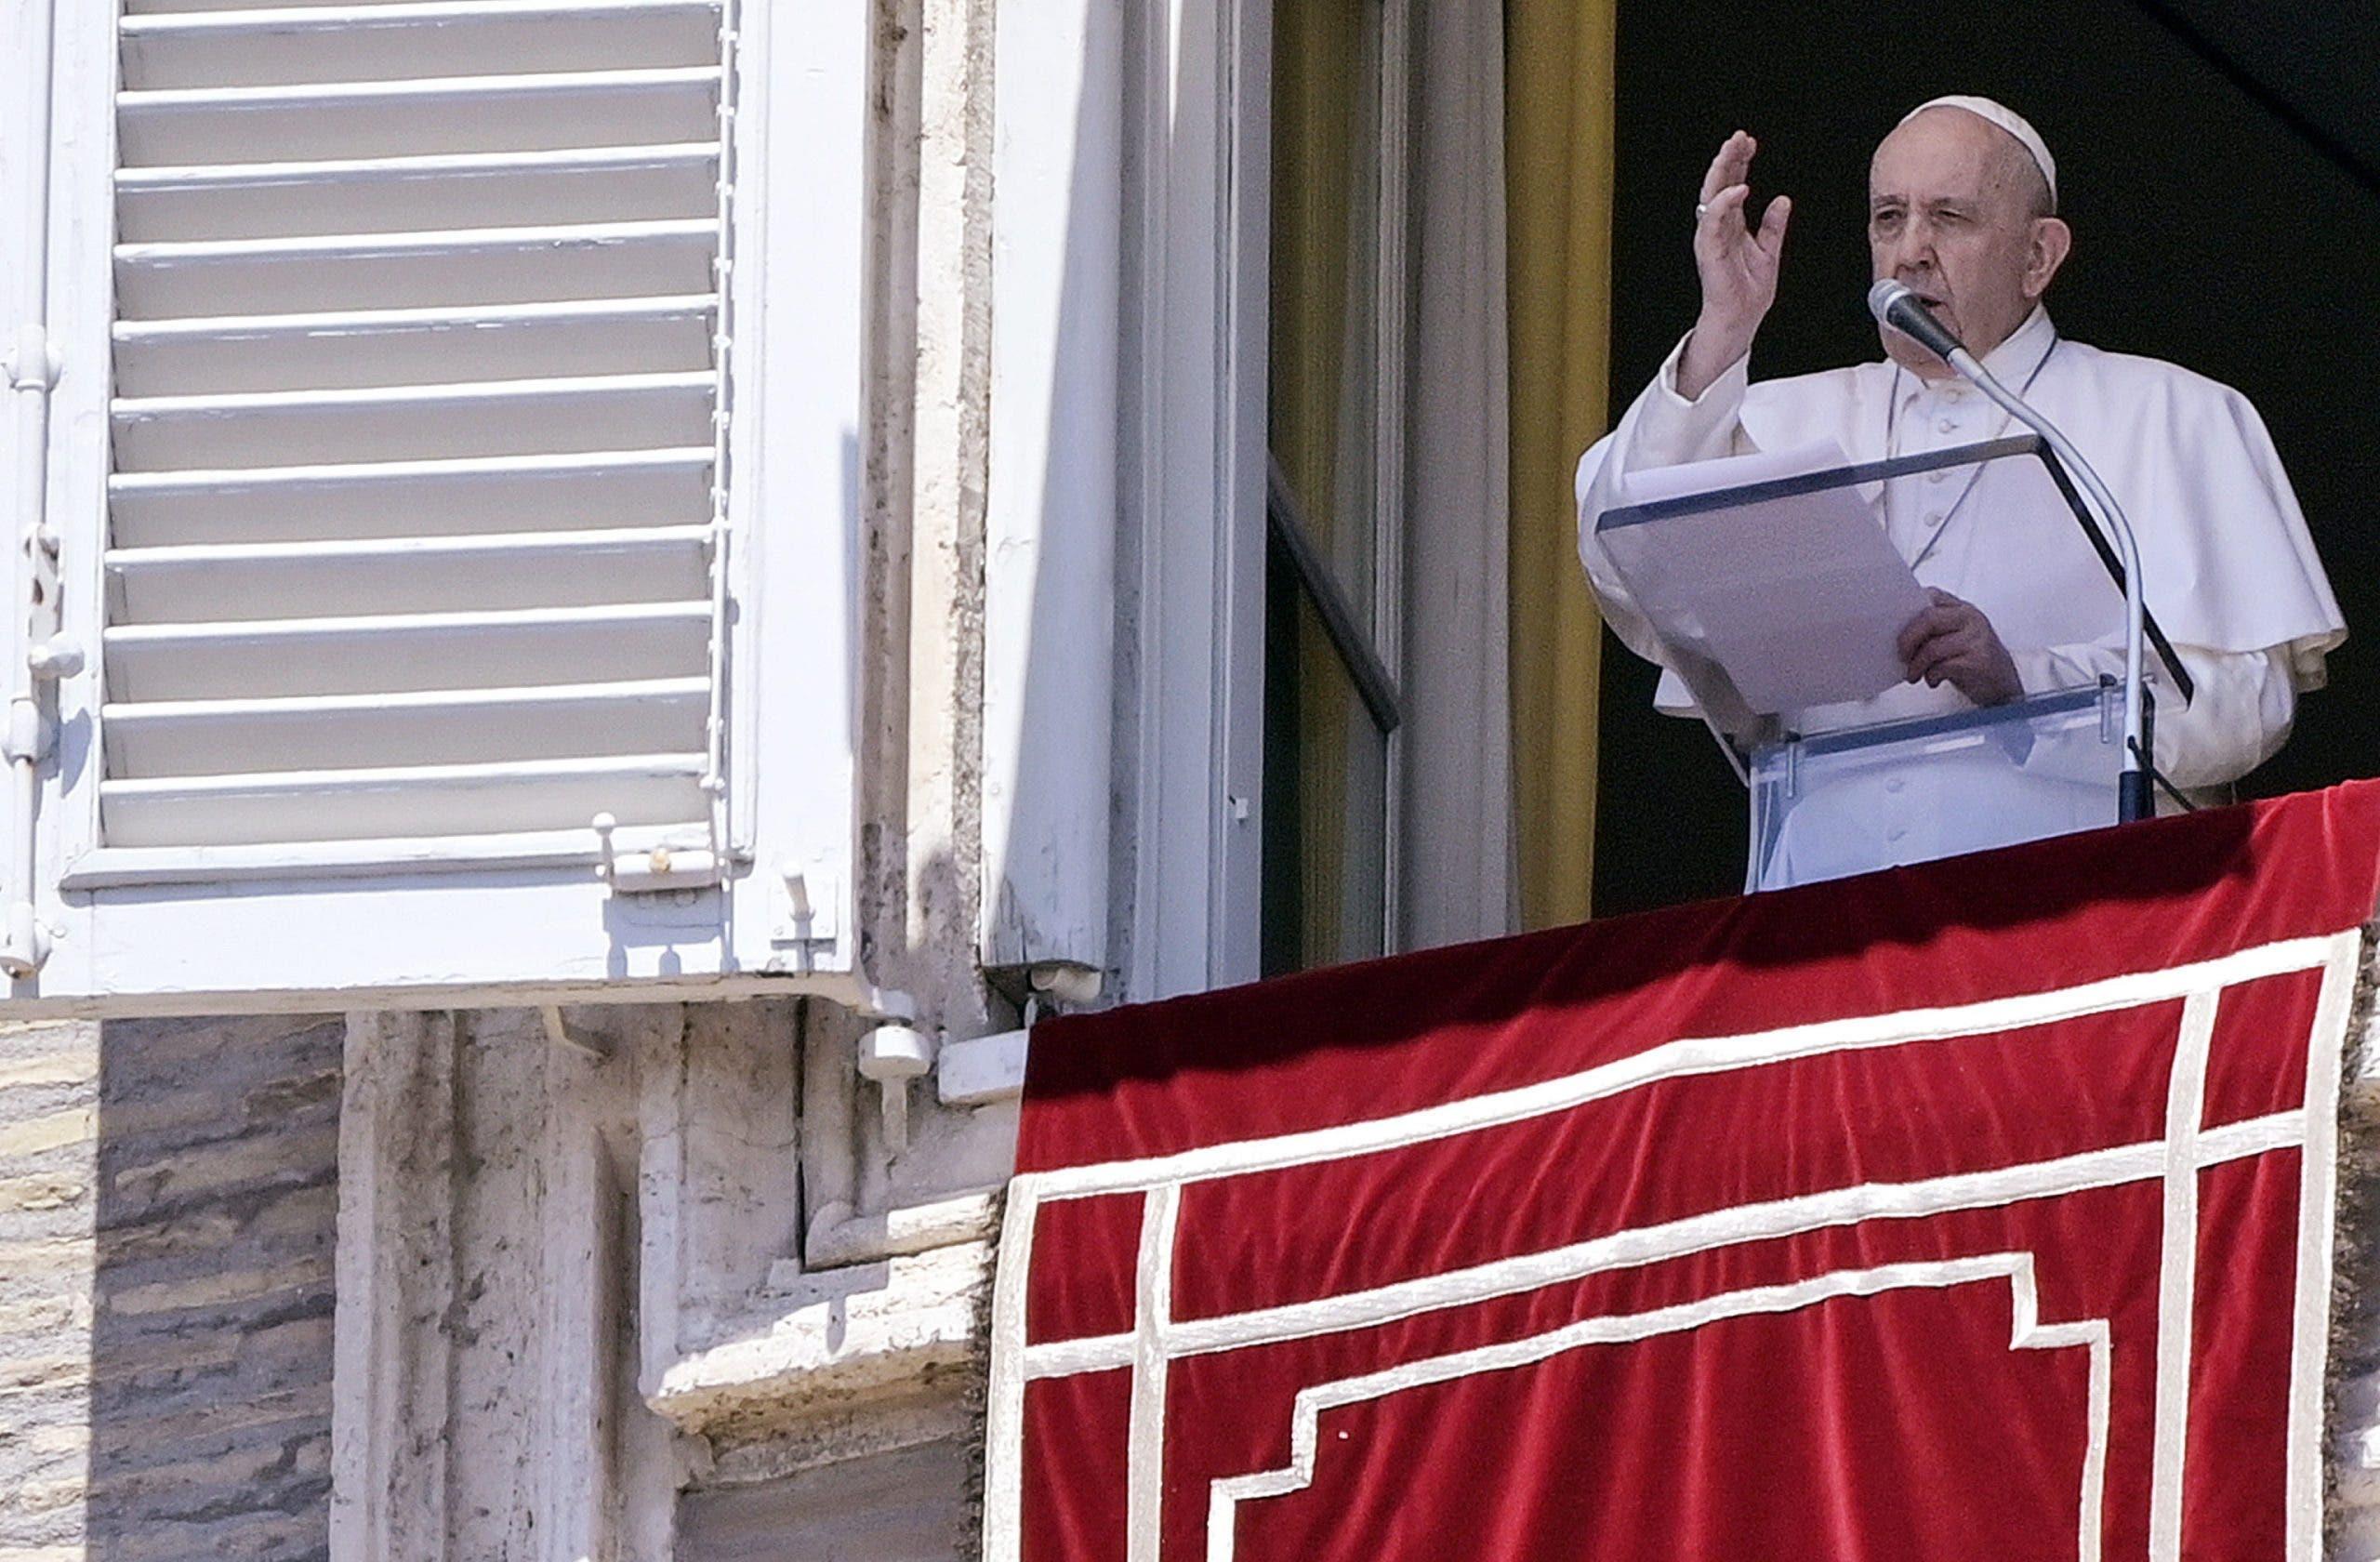 El papa Francisco anima a los jóvenes a prestar atención a los ancianos en la pandemia